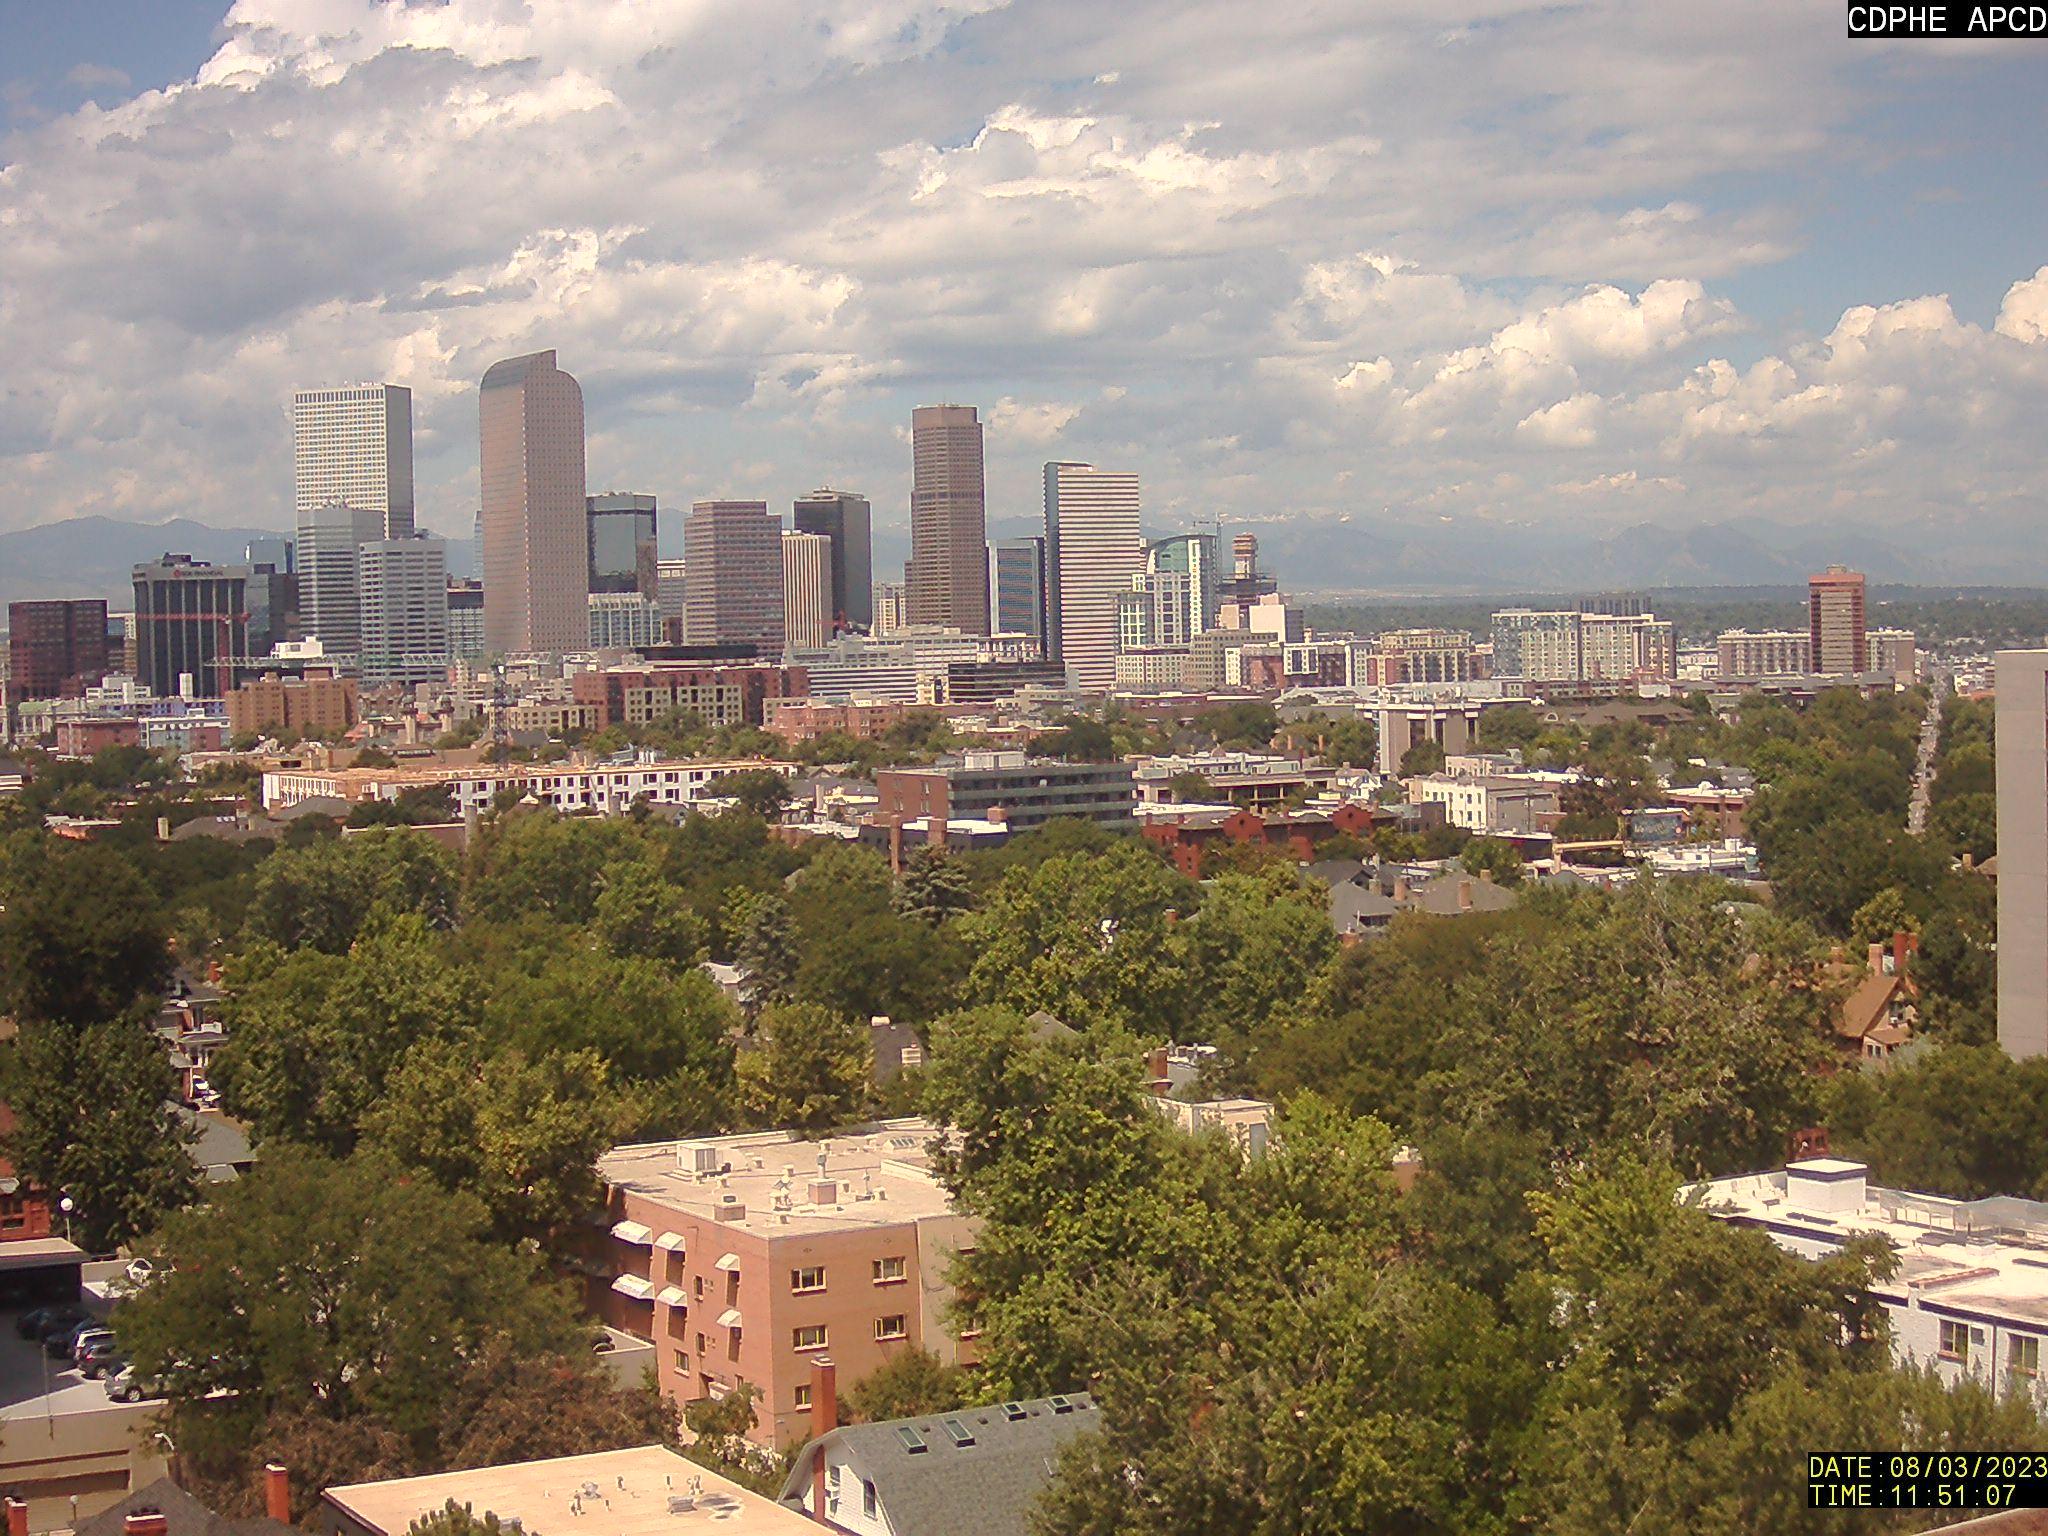 Denver Zeitzone